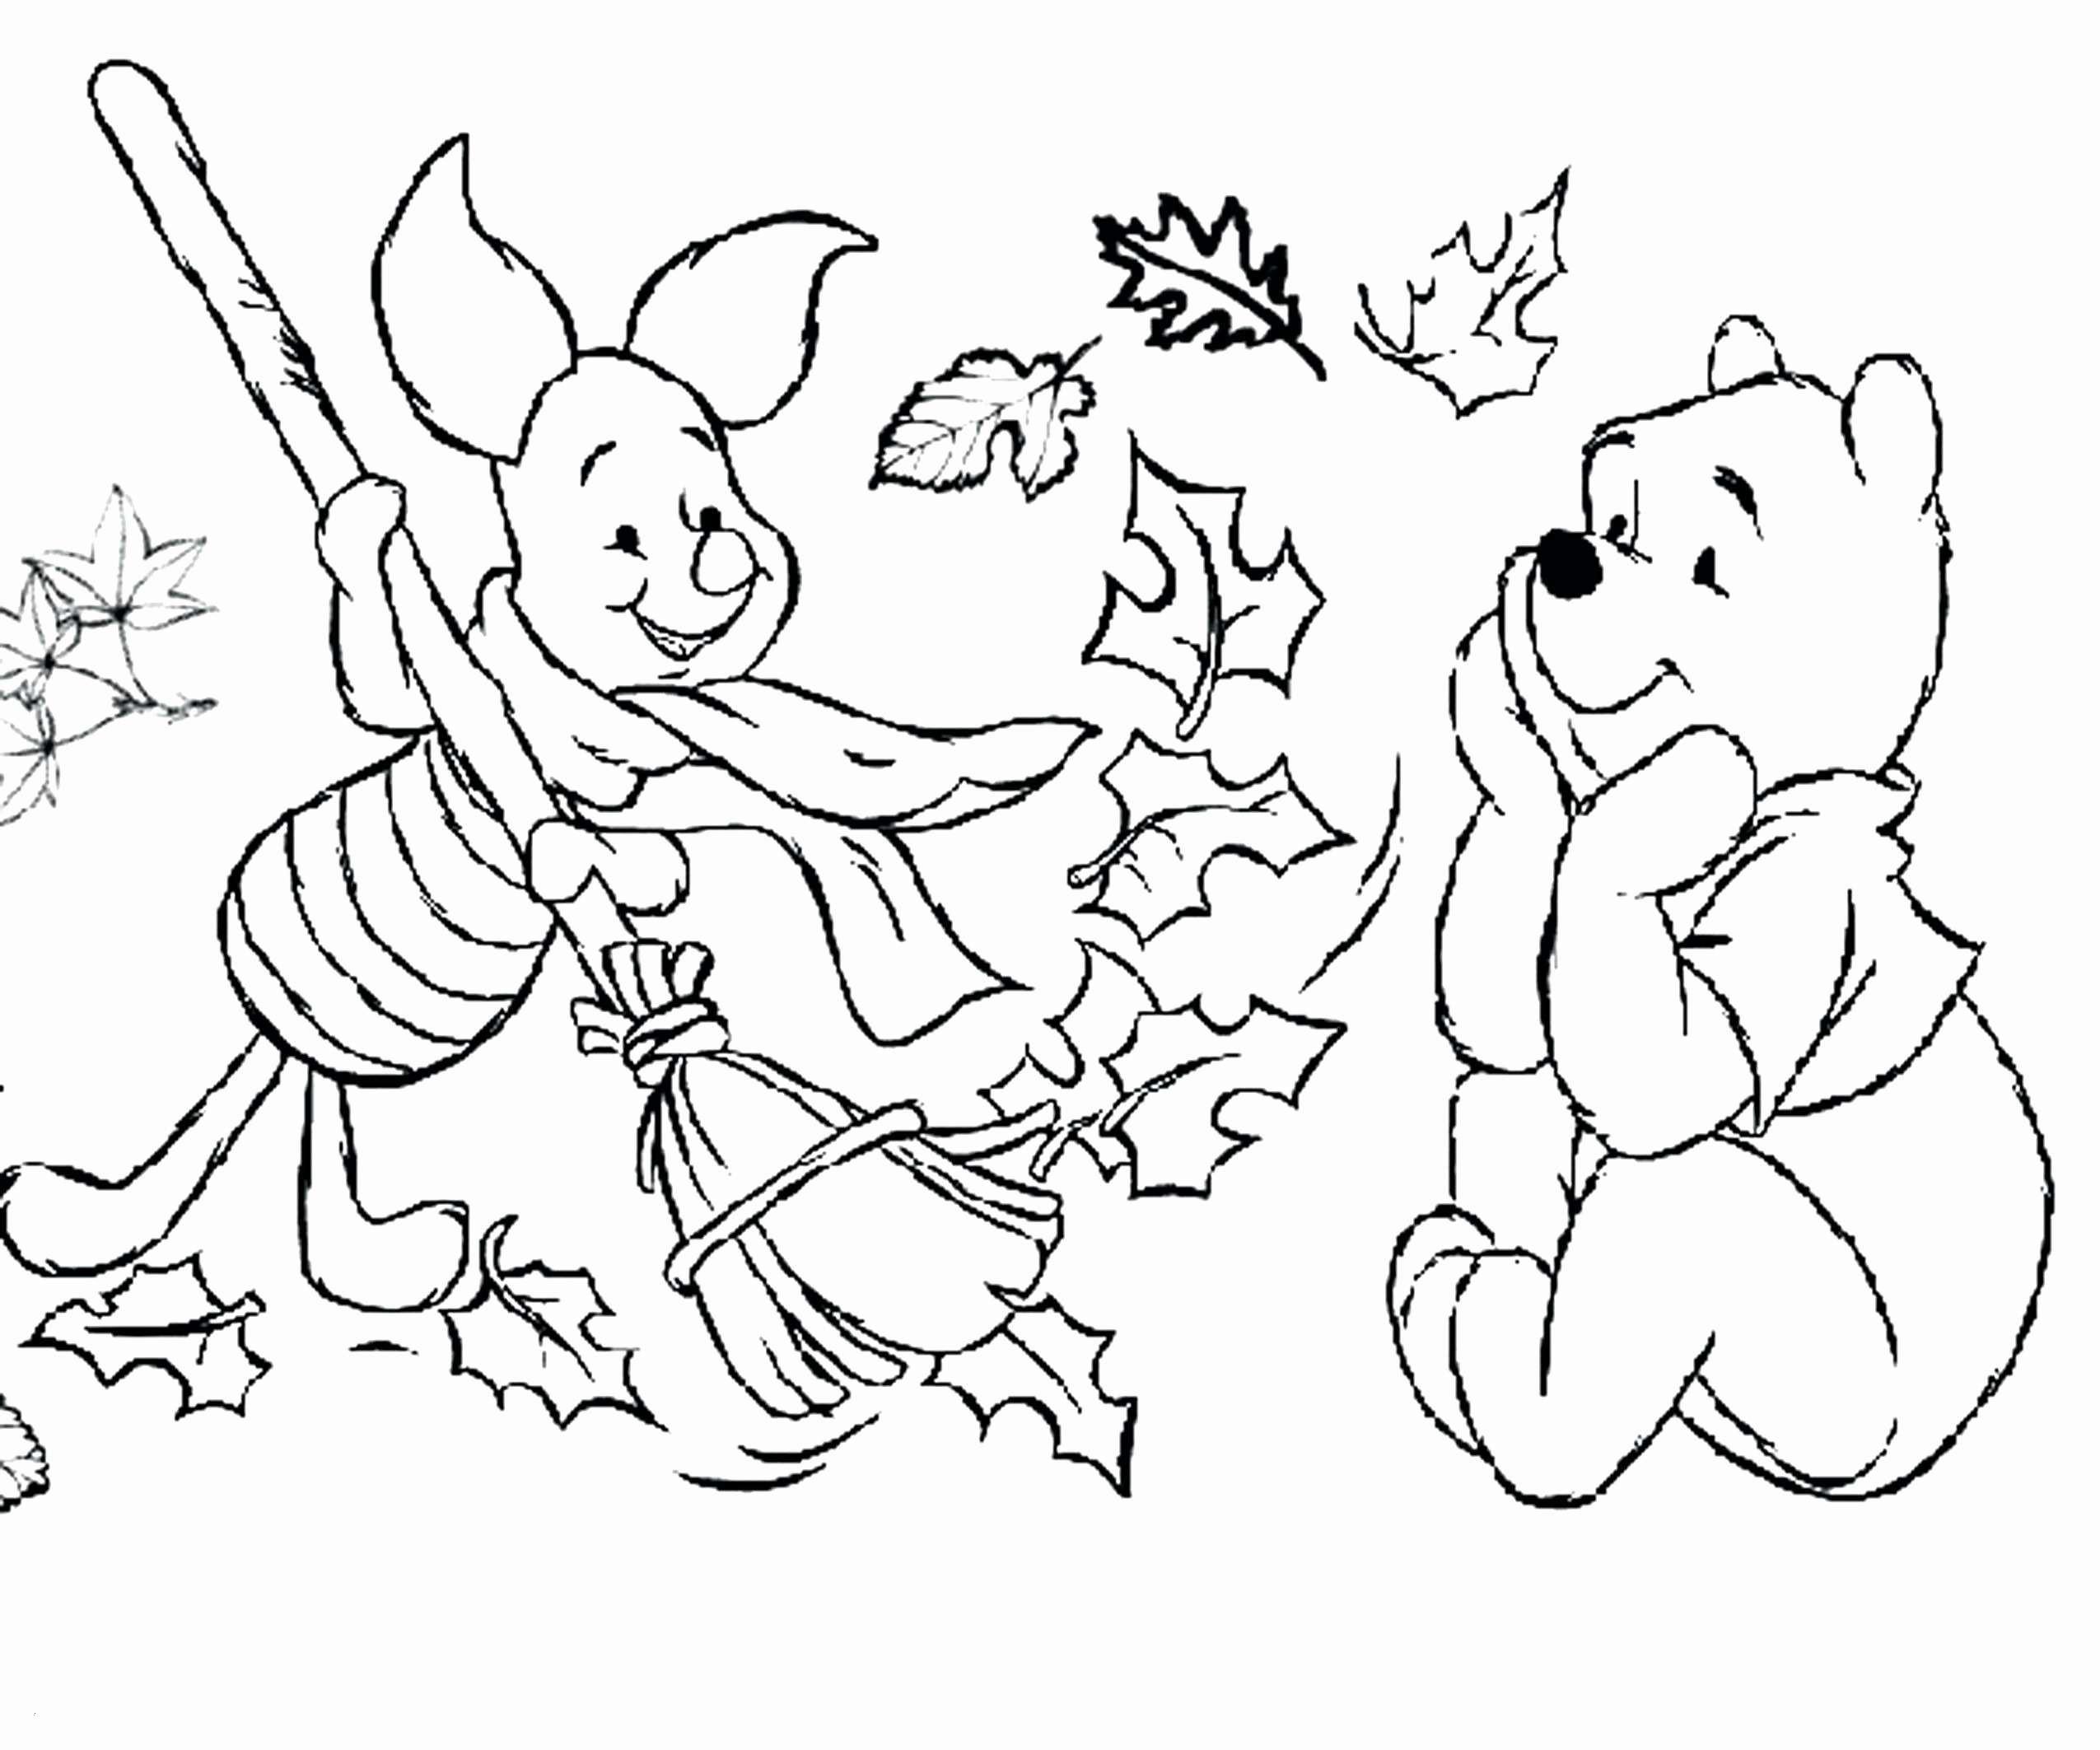 Malvorlagen Winnie Pooh Inspirierend 45 Frisch Ausmalbilder Winnie Puuh Mickeycarrollmunchkin Bild